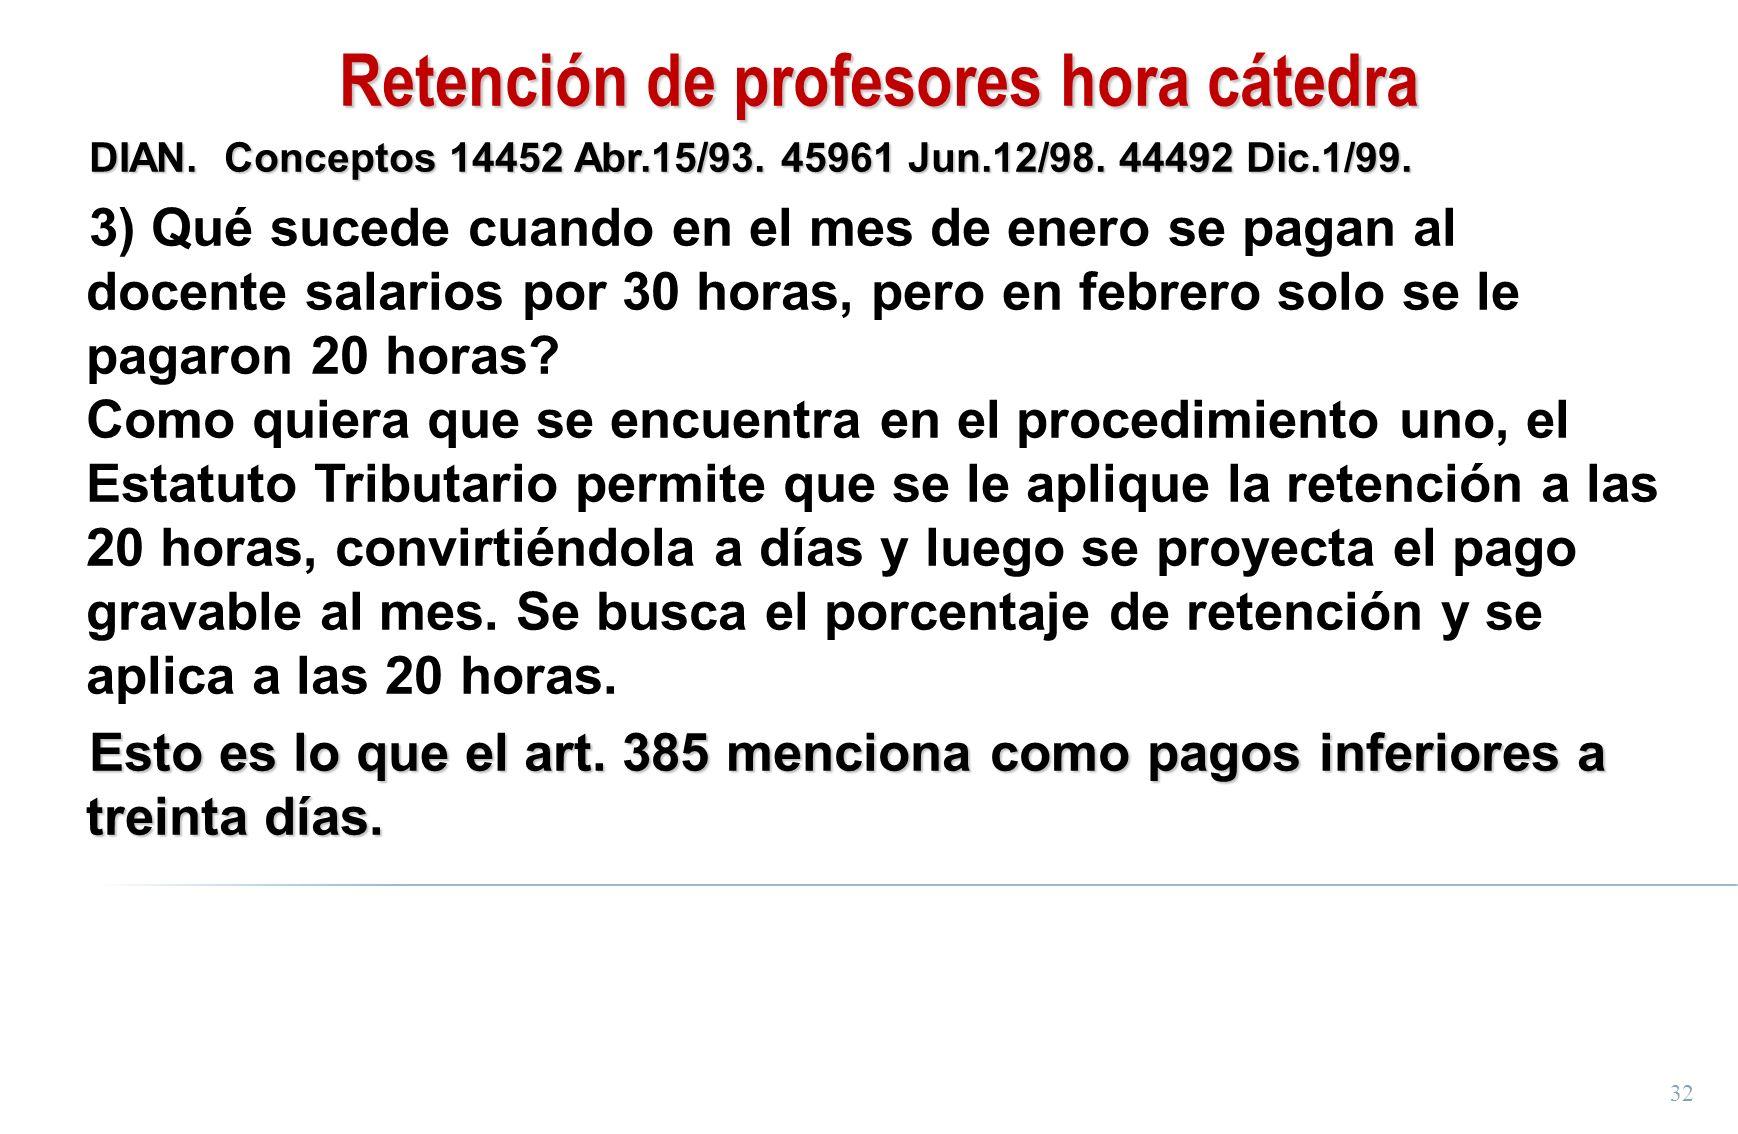 Retención de profesores hora cátedra